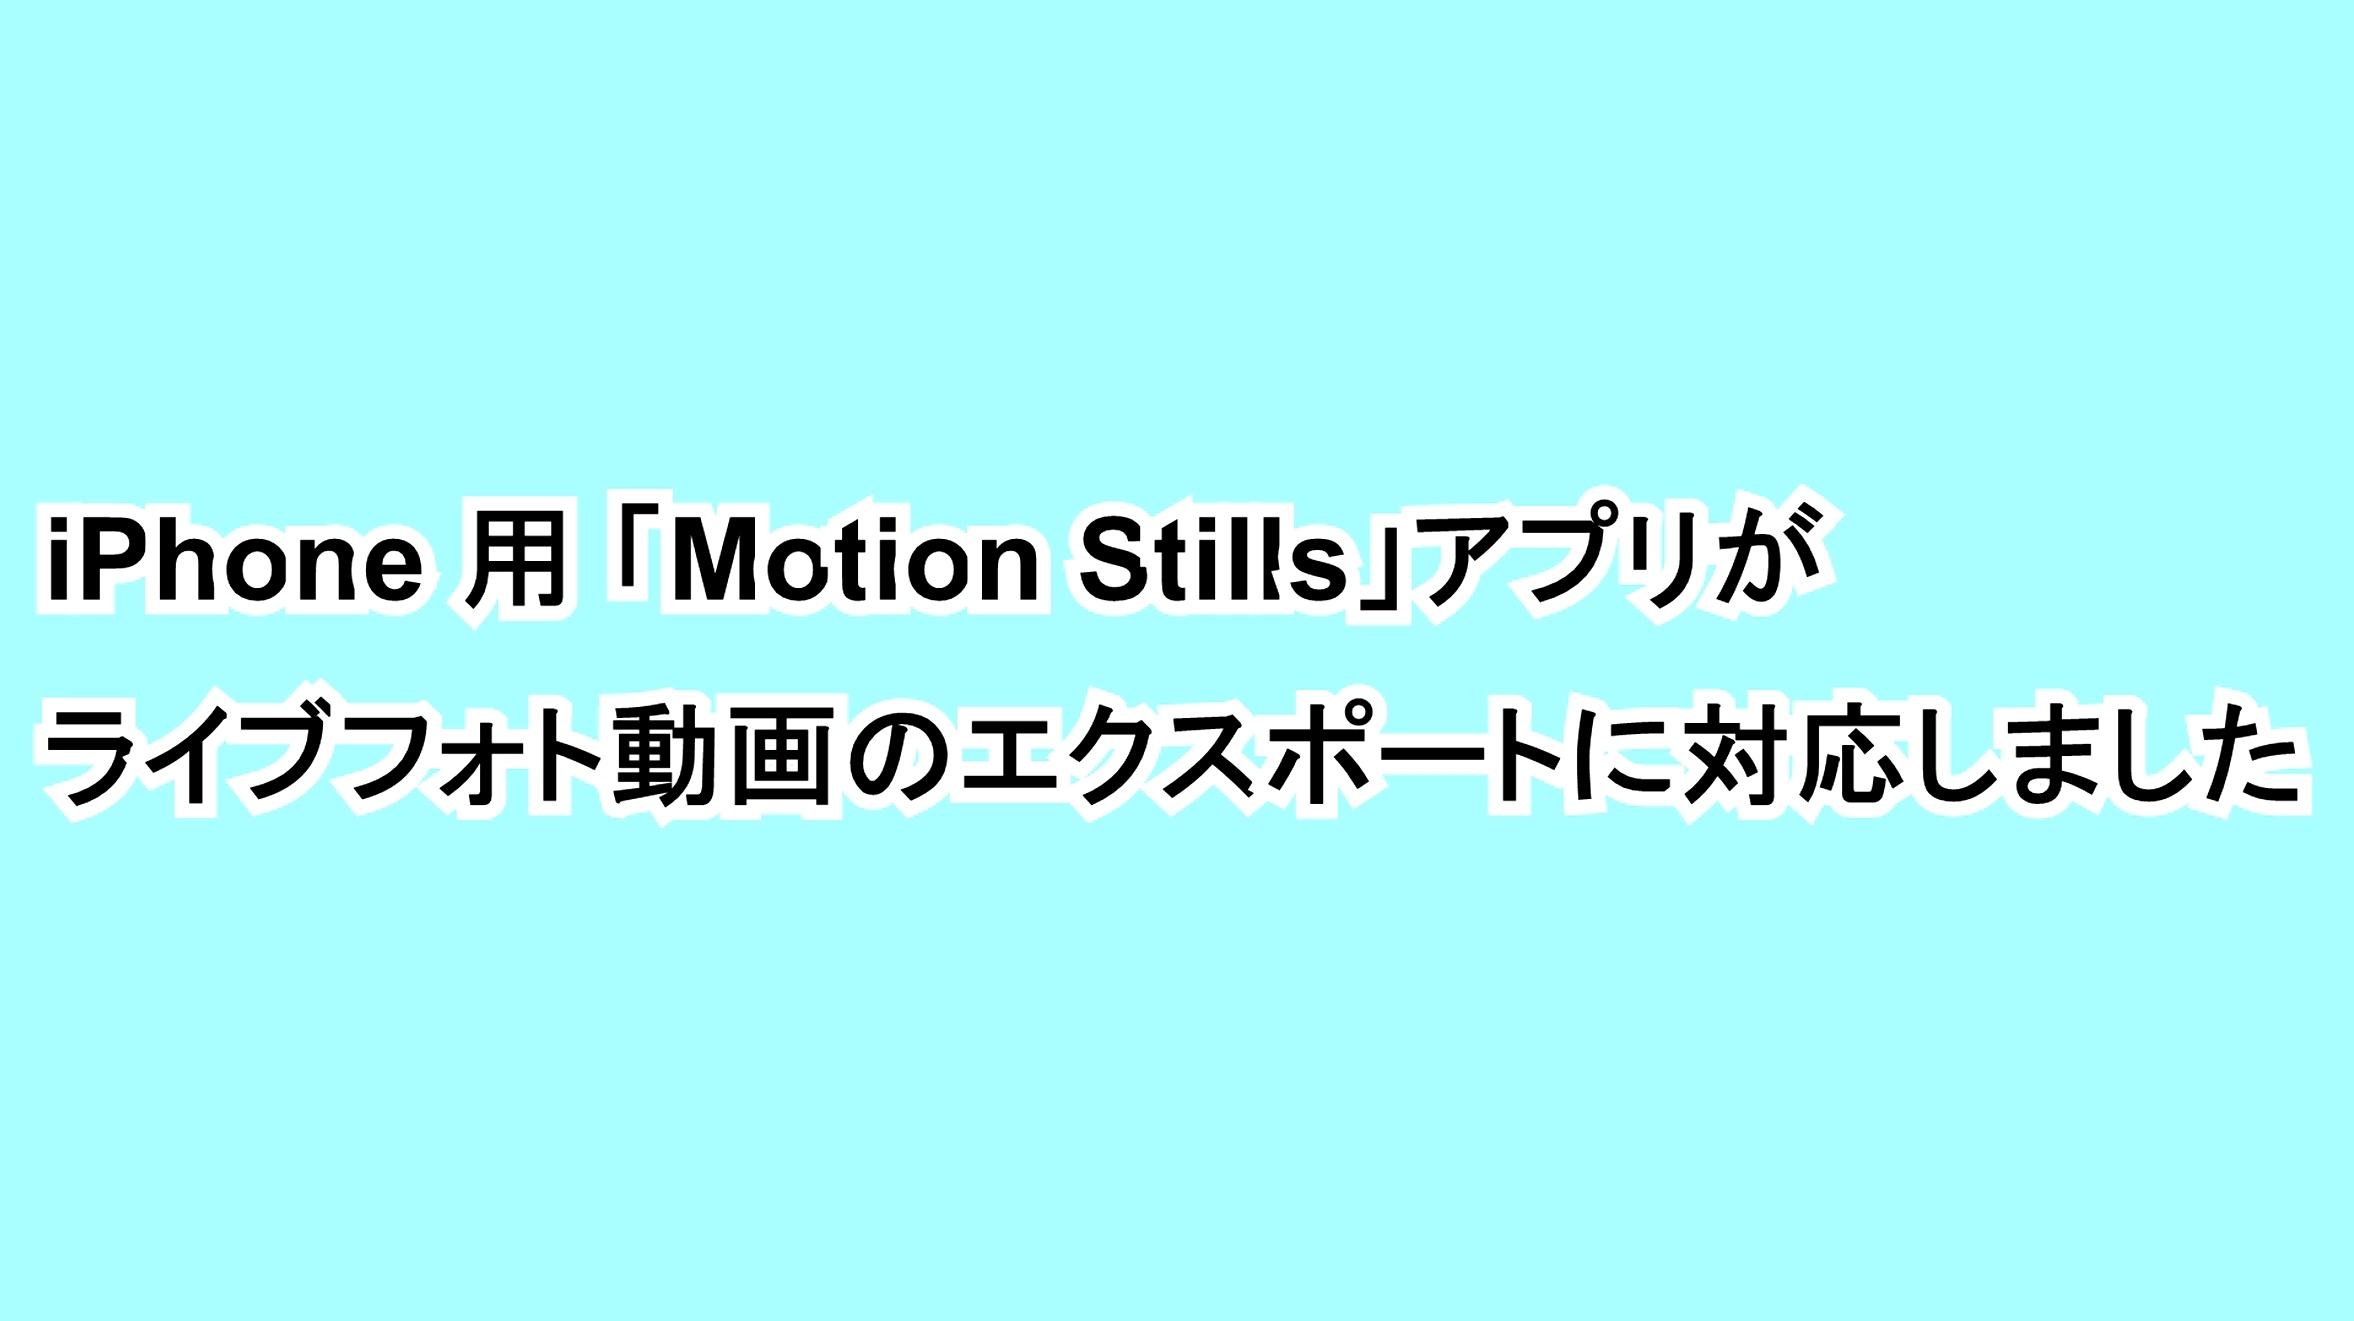 iPhone用「Motion Stills」アプリがライブフォト動画のエクスポートに対応しました